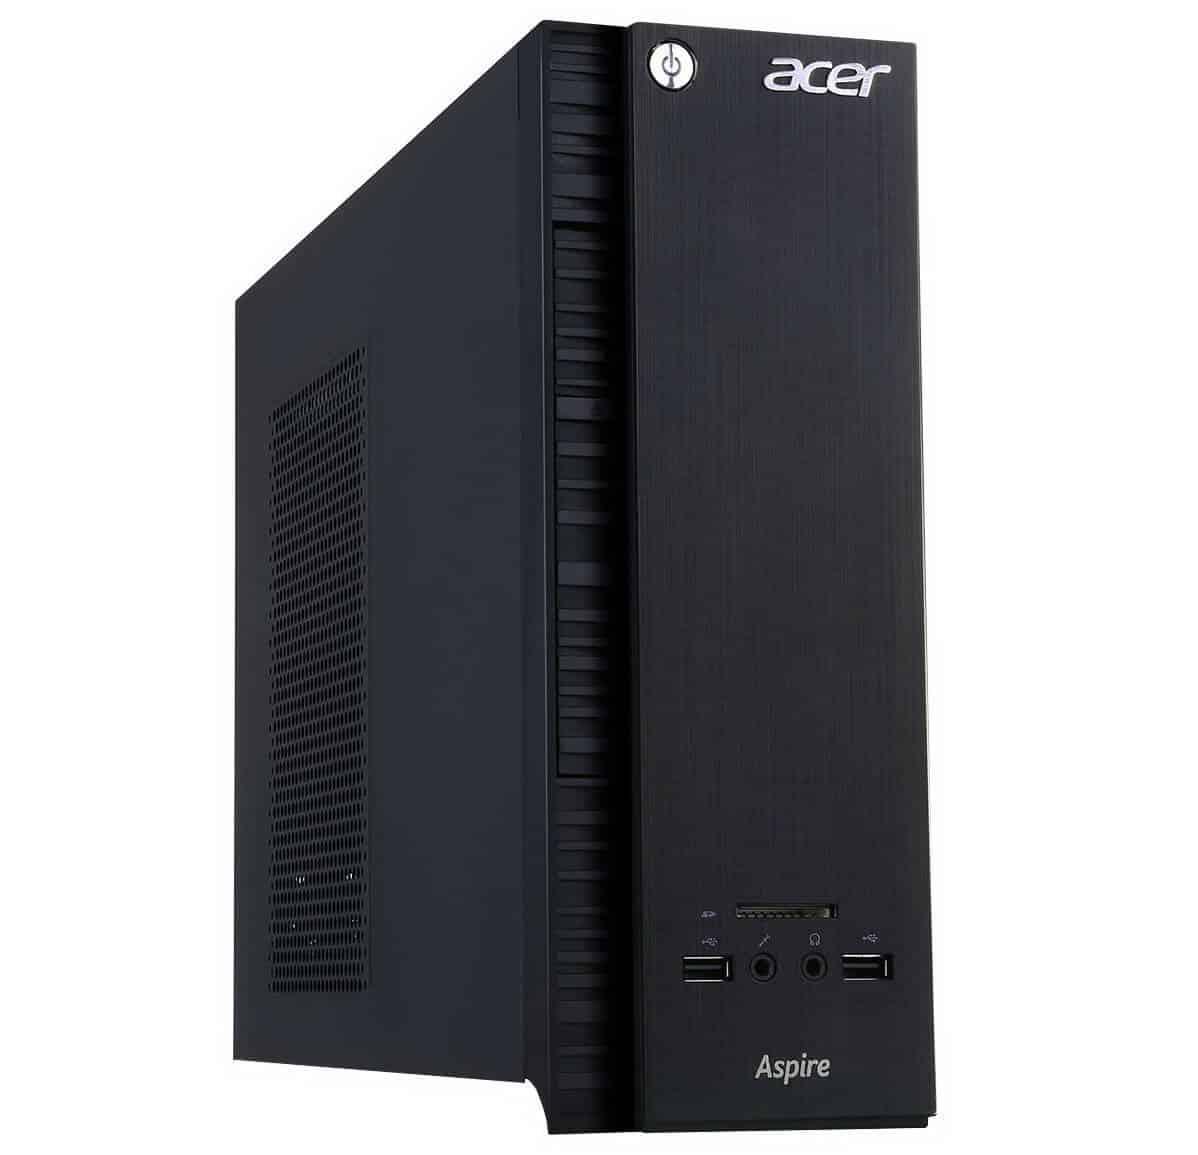 Acer Aspire XC-705